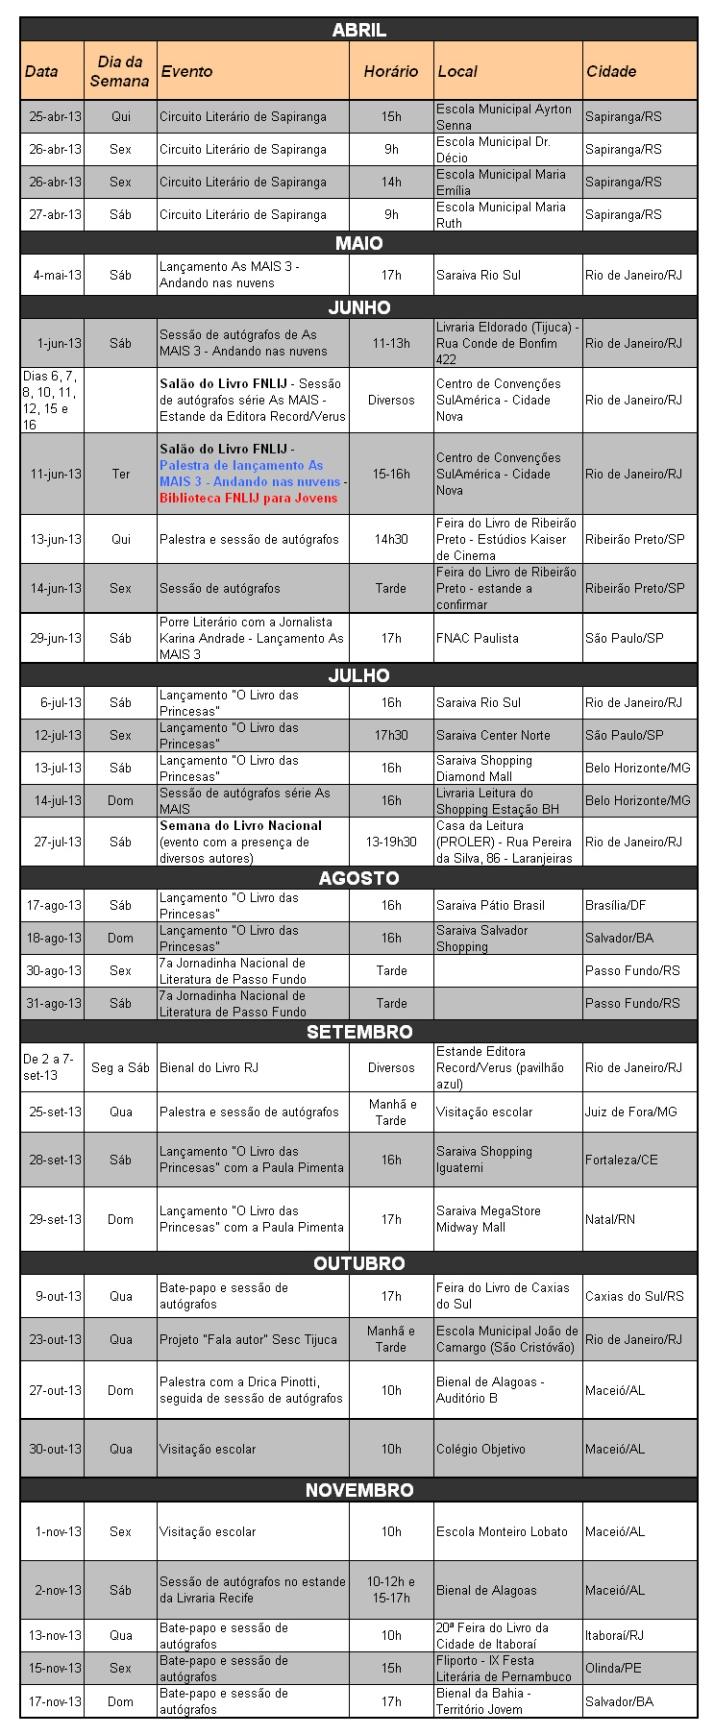 agenda completa 2013